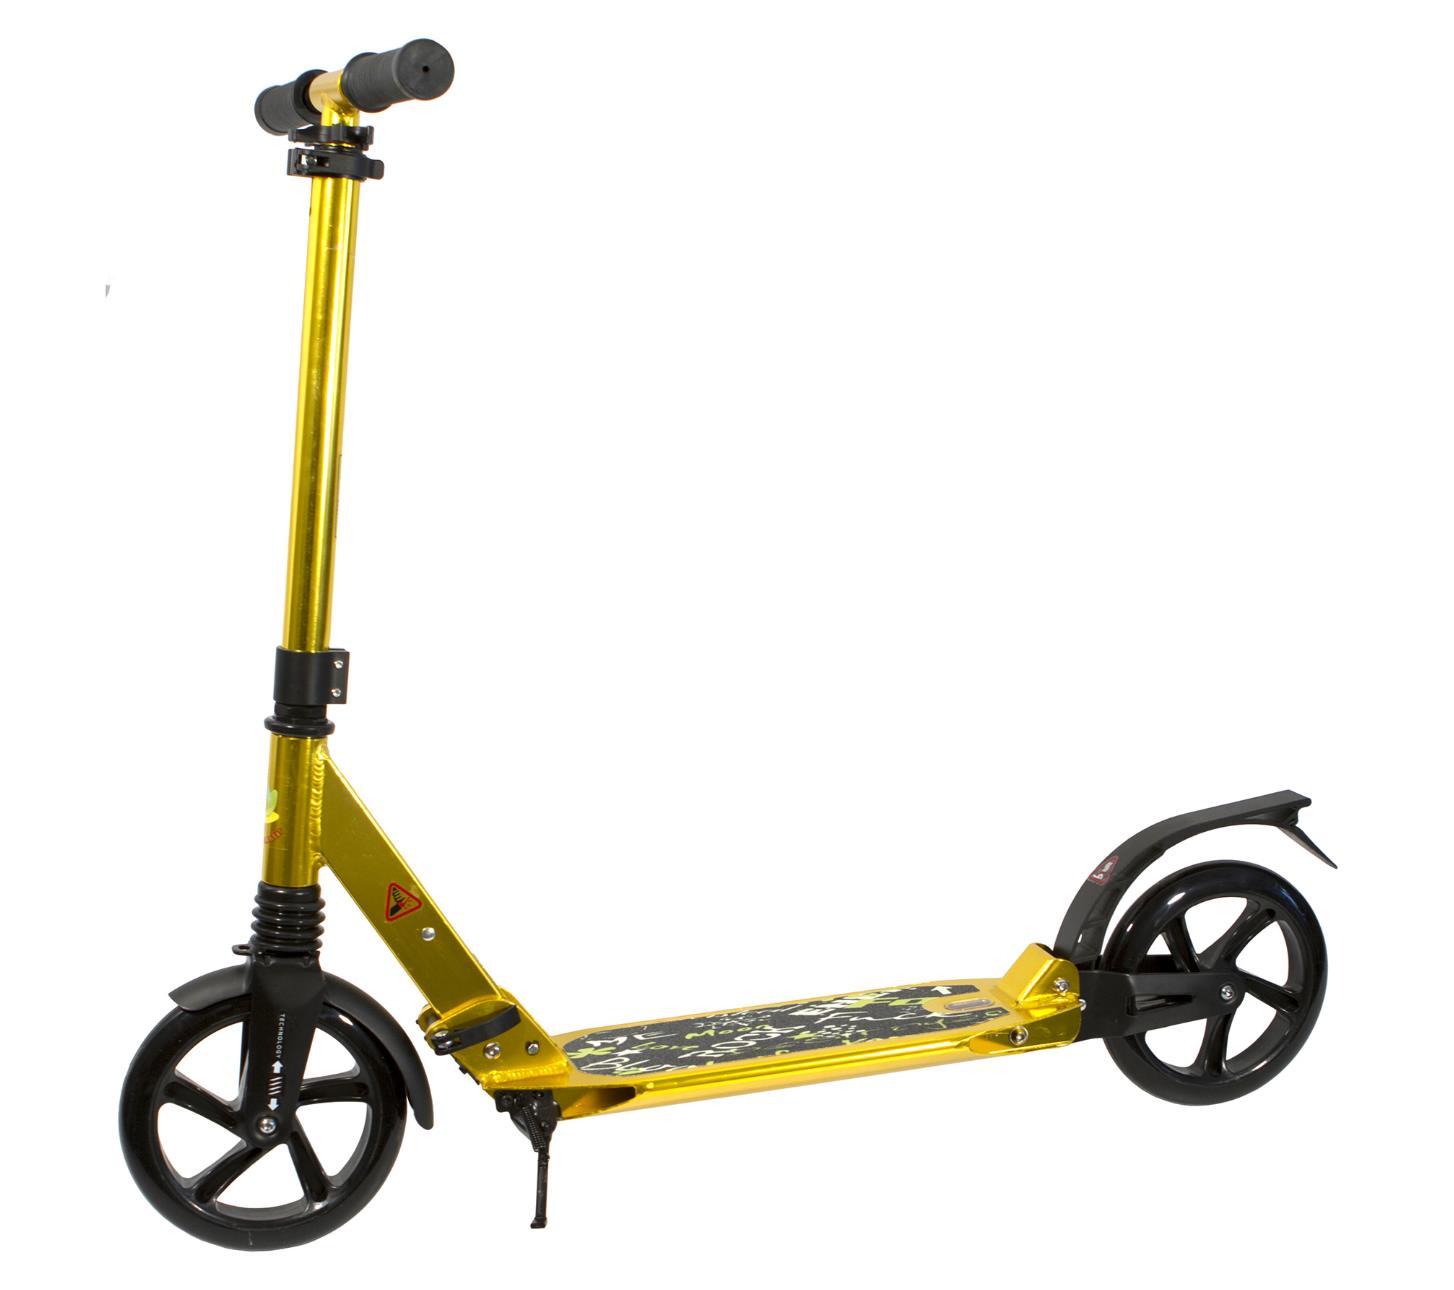 Купить Самокат Olimp SKL-03 в интернет магазине. Цены, фото, описания, характеристики, отзывы, обзоры